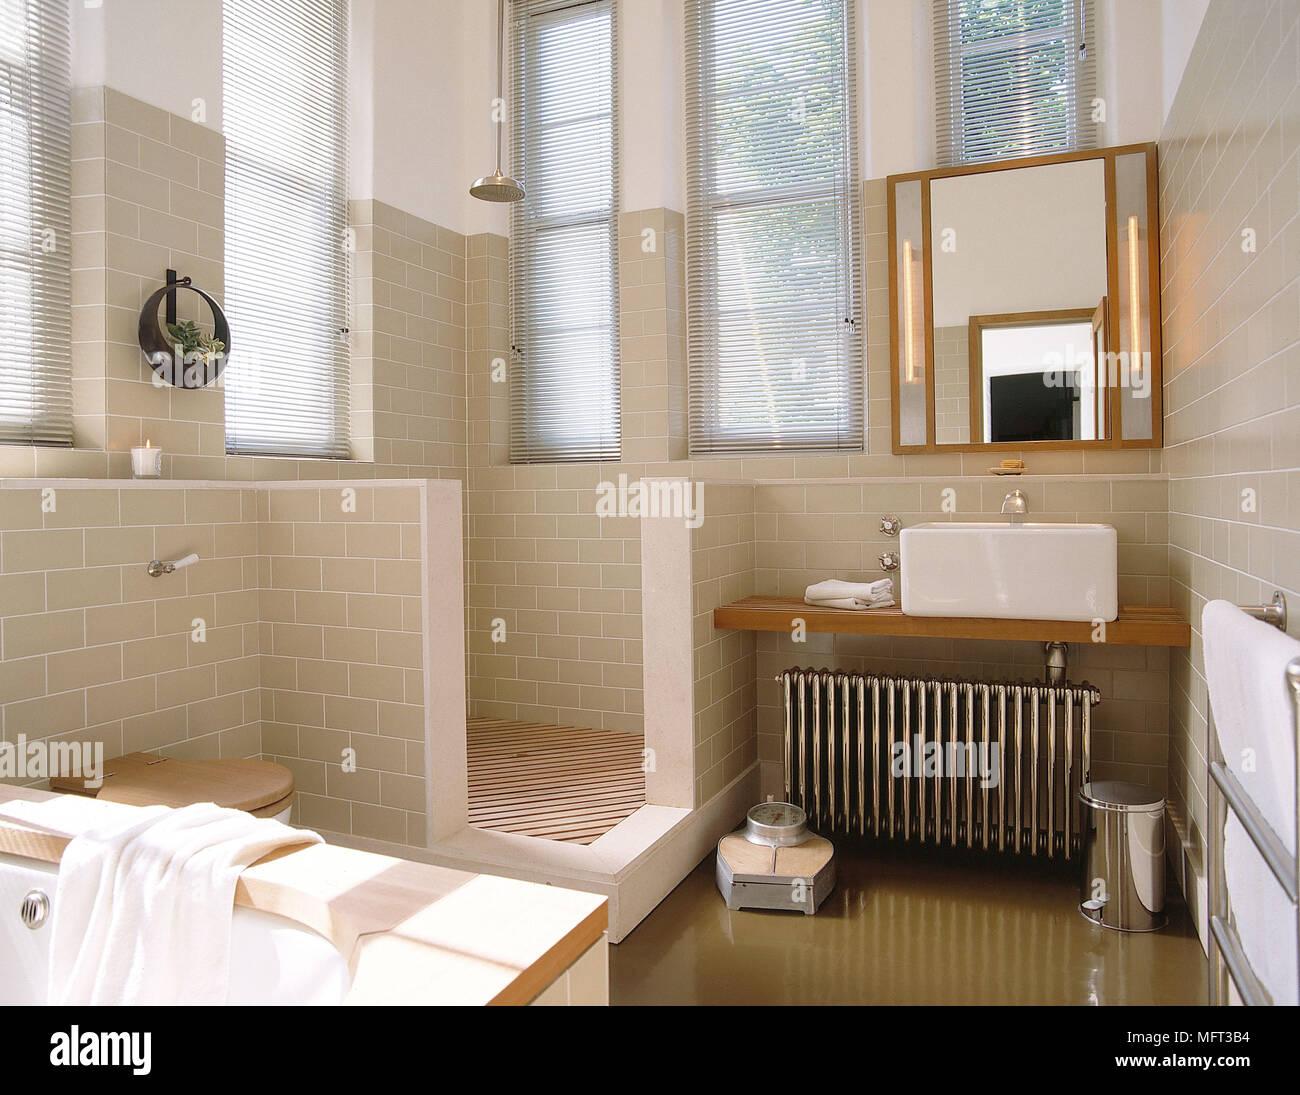 salle de bains moderne en carrelage neutre murs espace douche lavabo sur plateau bois interiors. Black Bedroom Furniture Sets. Home Design Ideas